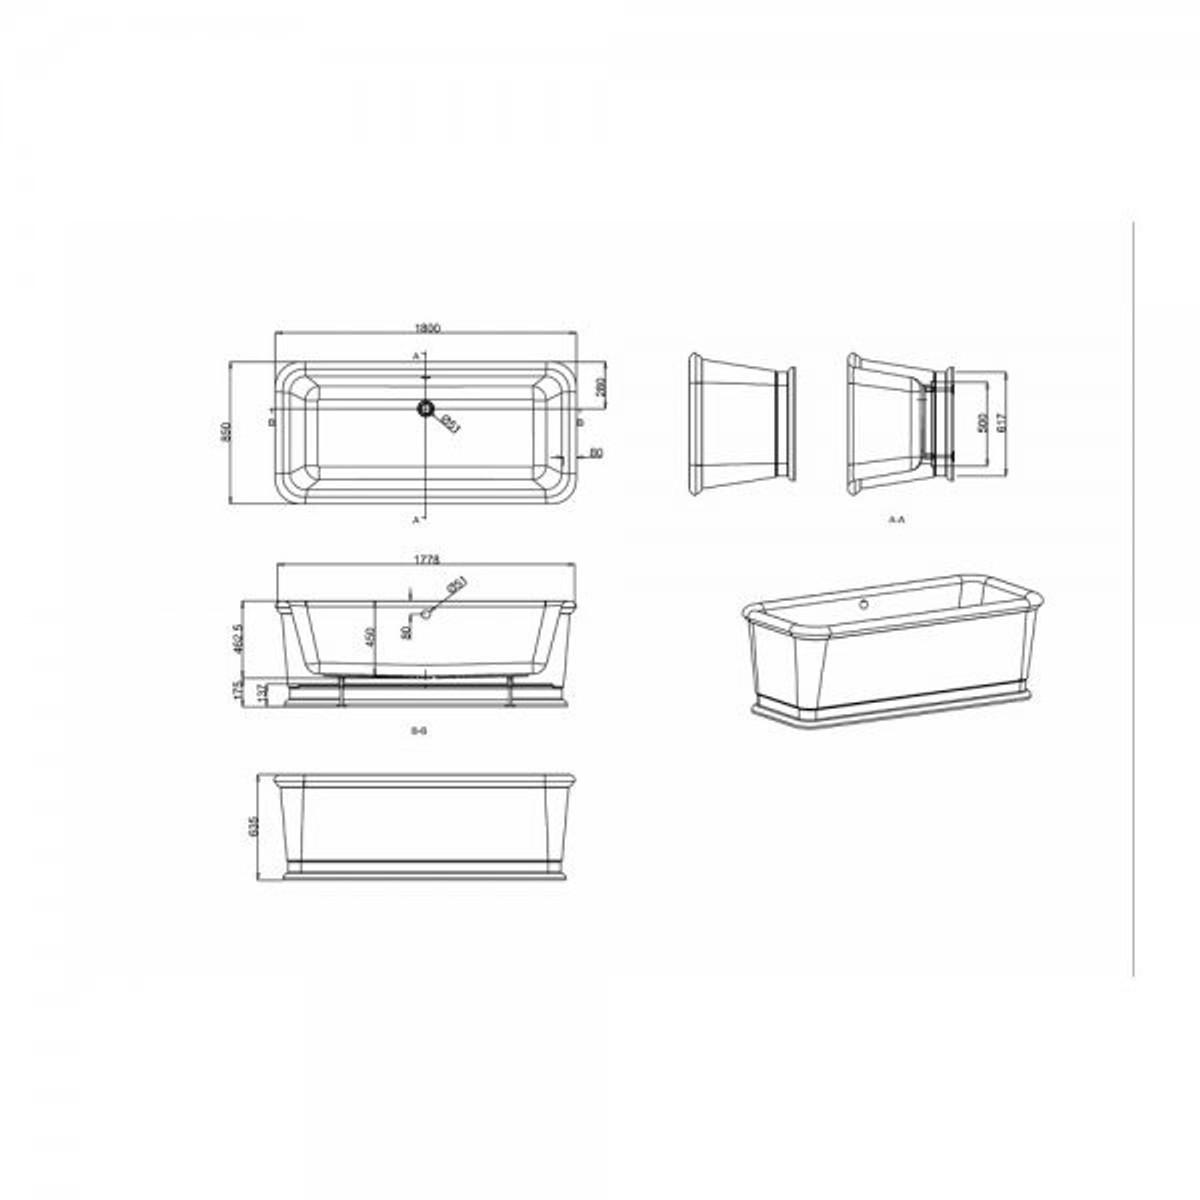 casa padrino badewanne freistehend rechteckig 1800mm blon silber freistehende retro antik. Black Bedroom Furniture Sets. Home Design Ideas